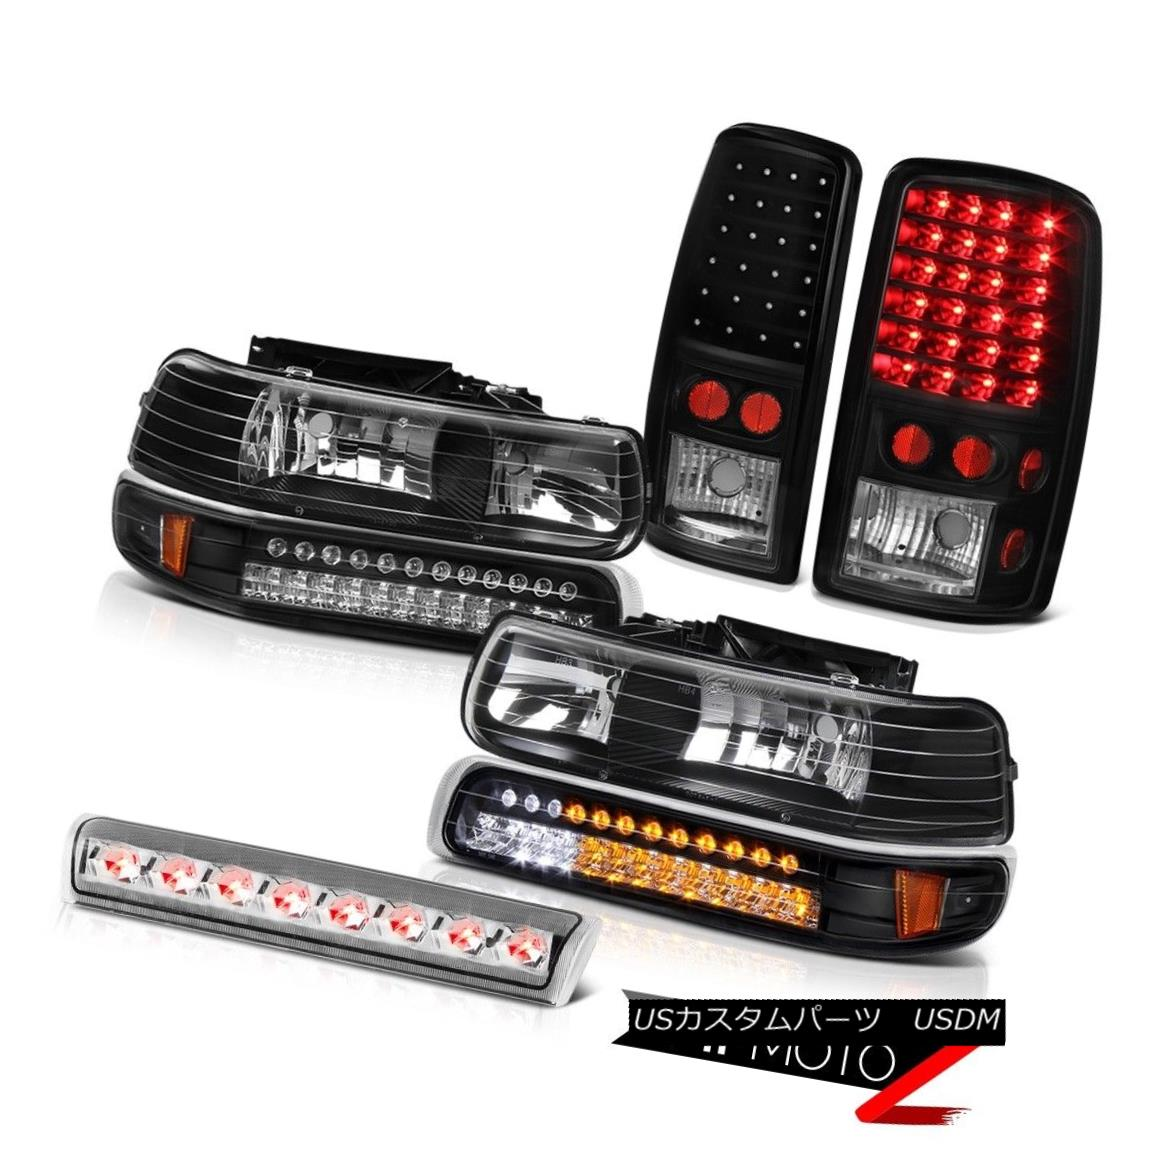 ヘッドライト 00-06 Suburban Z71 LED Bumper+Headlights L.E.D Rear Tail Lights Roof Brake Cargo 00-06郊外Z71 LEDバンパー+ヘッドリグ hts L.E.Dリアテールライトルーフブレーキカーゴ